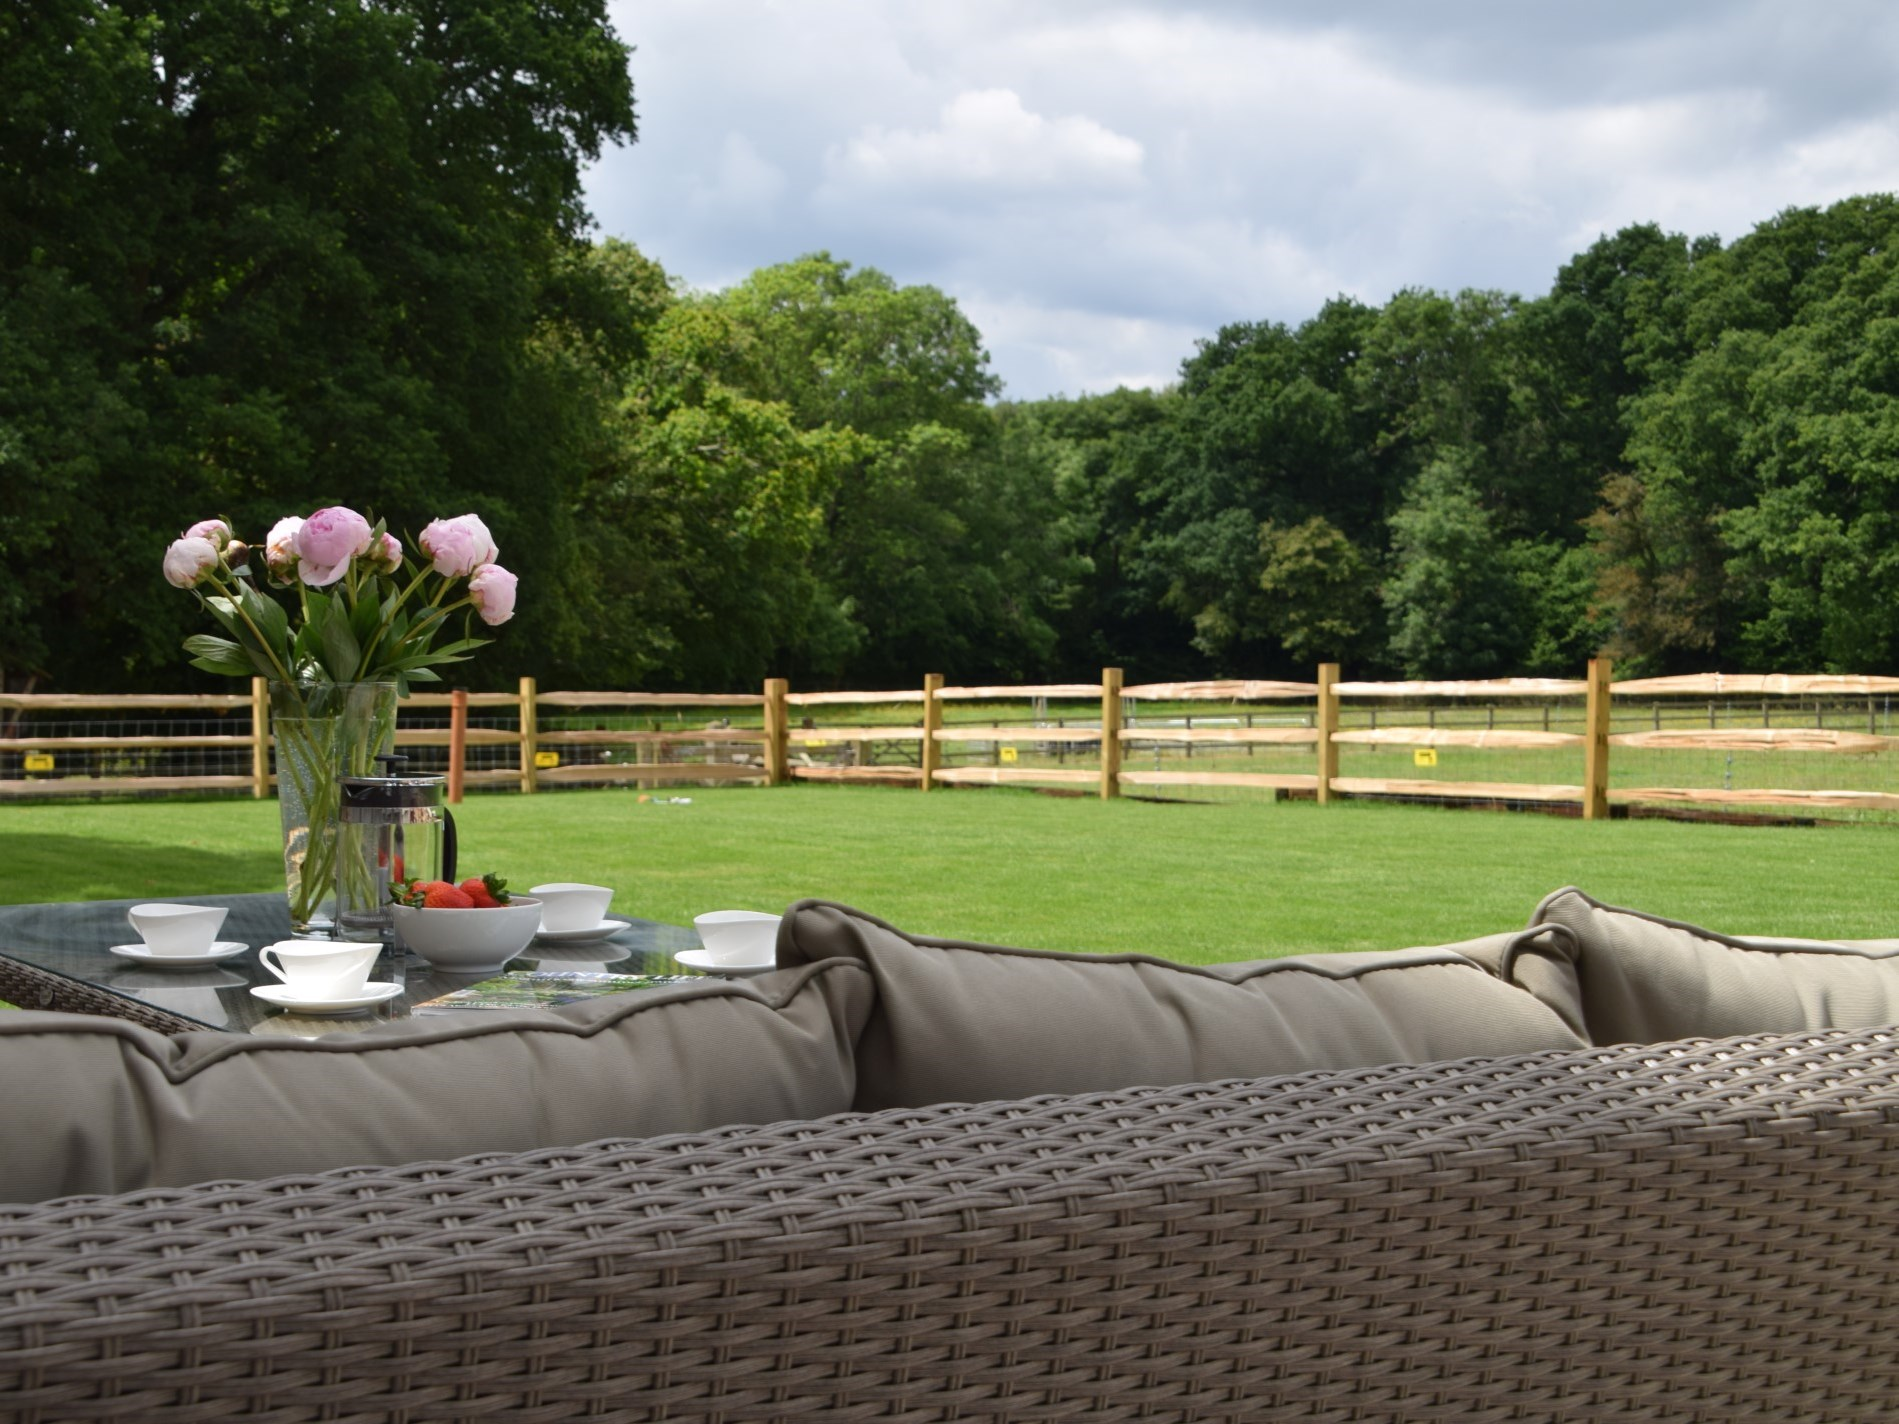 Enjoy afternoon tea in the garden